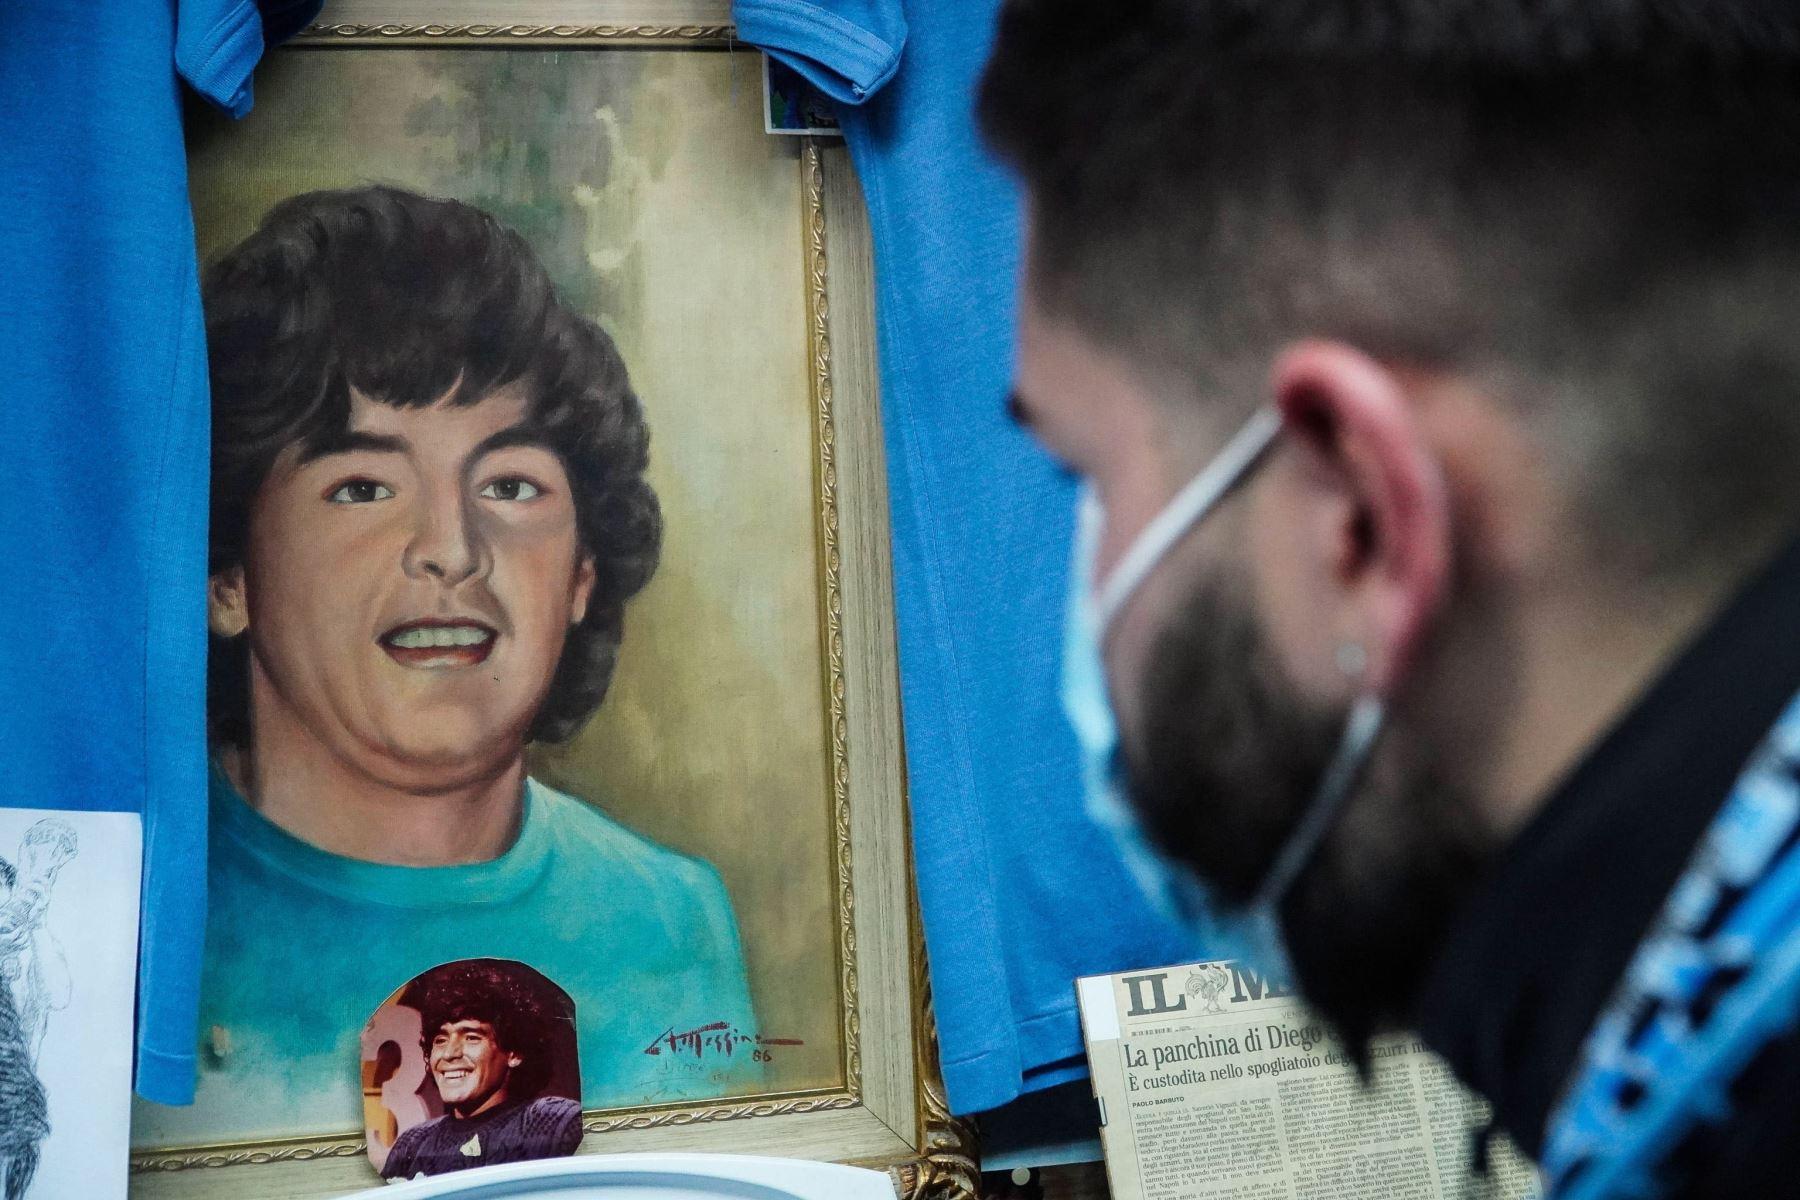 Parte del museo Maradona de la familia Vignati, una de las colecciones más completas de recuerdos deportivos pertenecientes a Diego Armando Maradona en el mundo, cerca de Nápoles, Italia. Foto: EFE